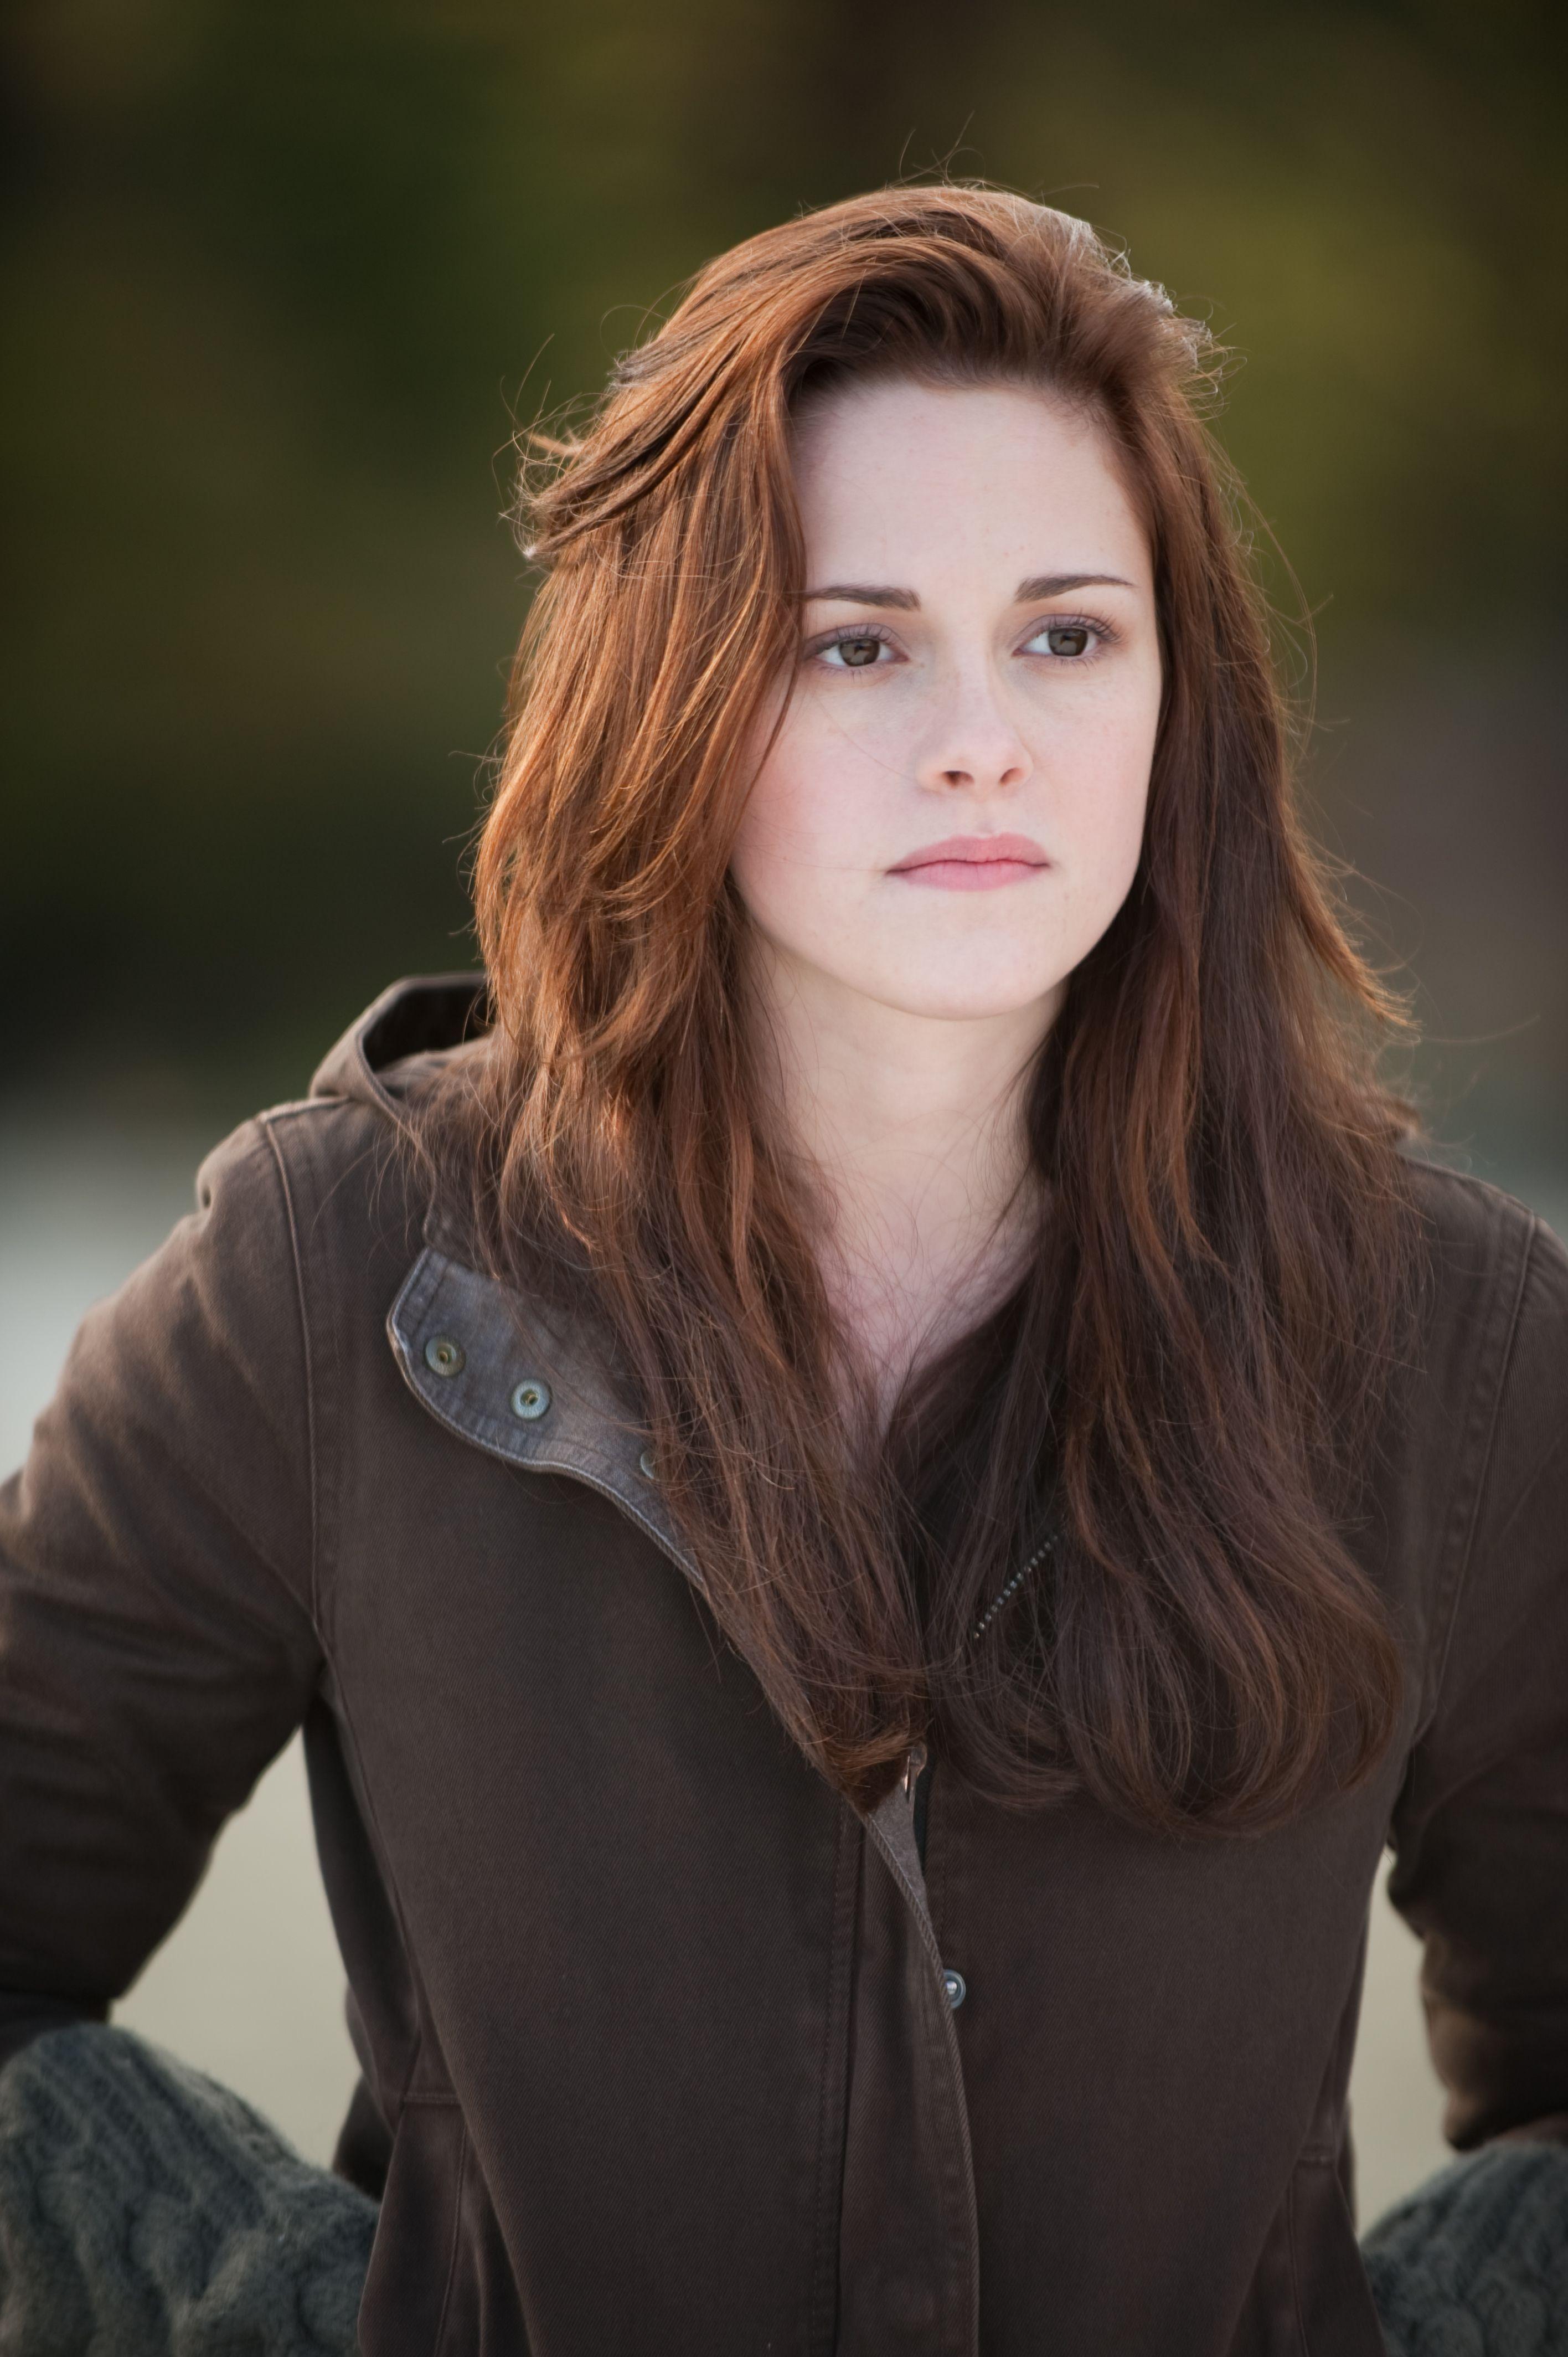 The beautiful Bella Swan - The Twilight Saga | Bella in ...